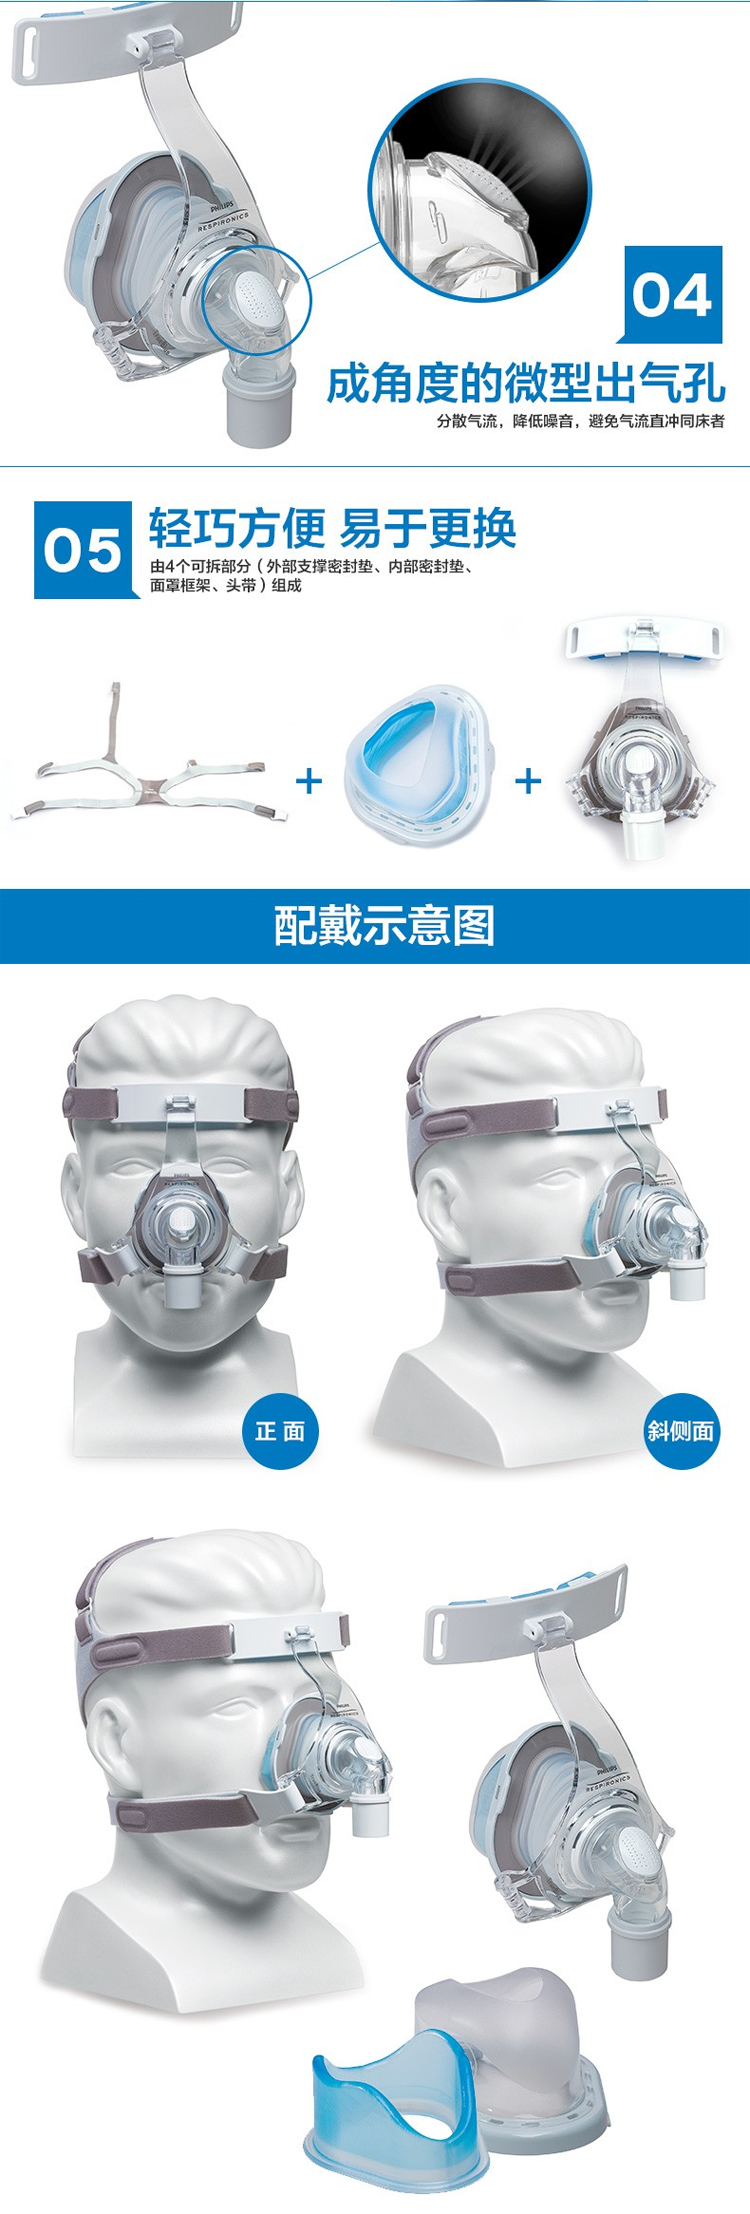 昆明家用呼吸机鼻罩